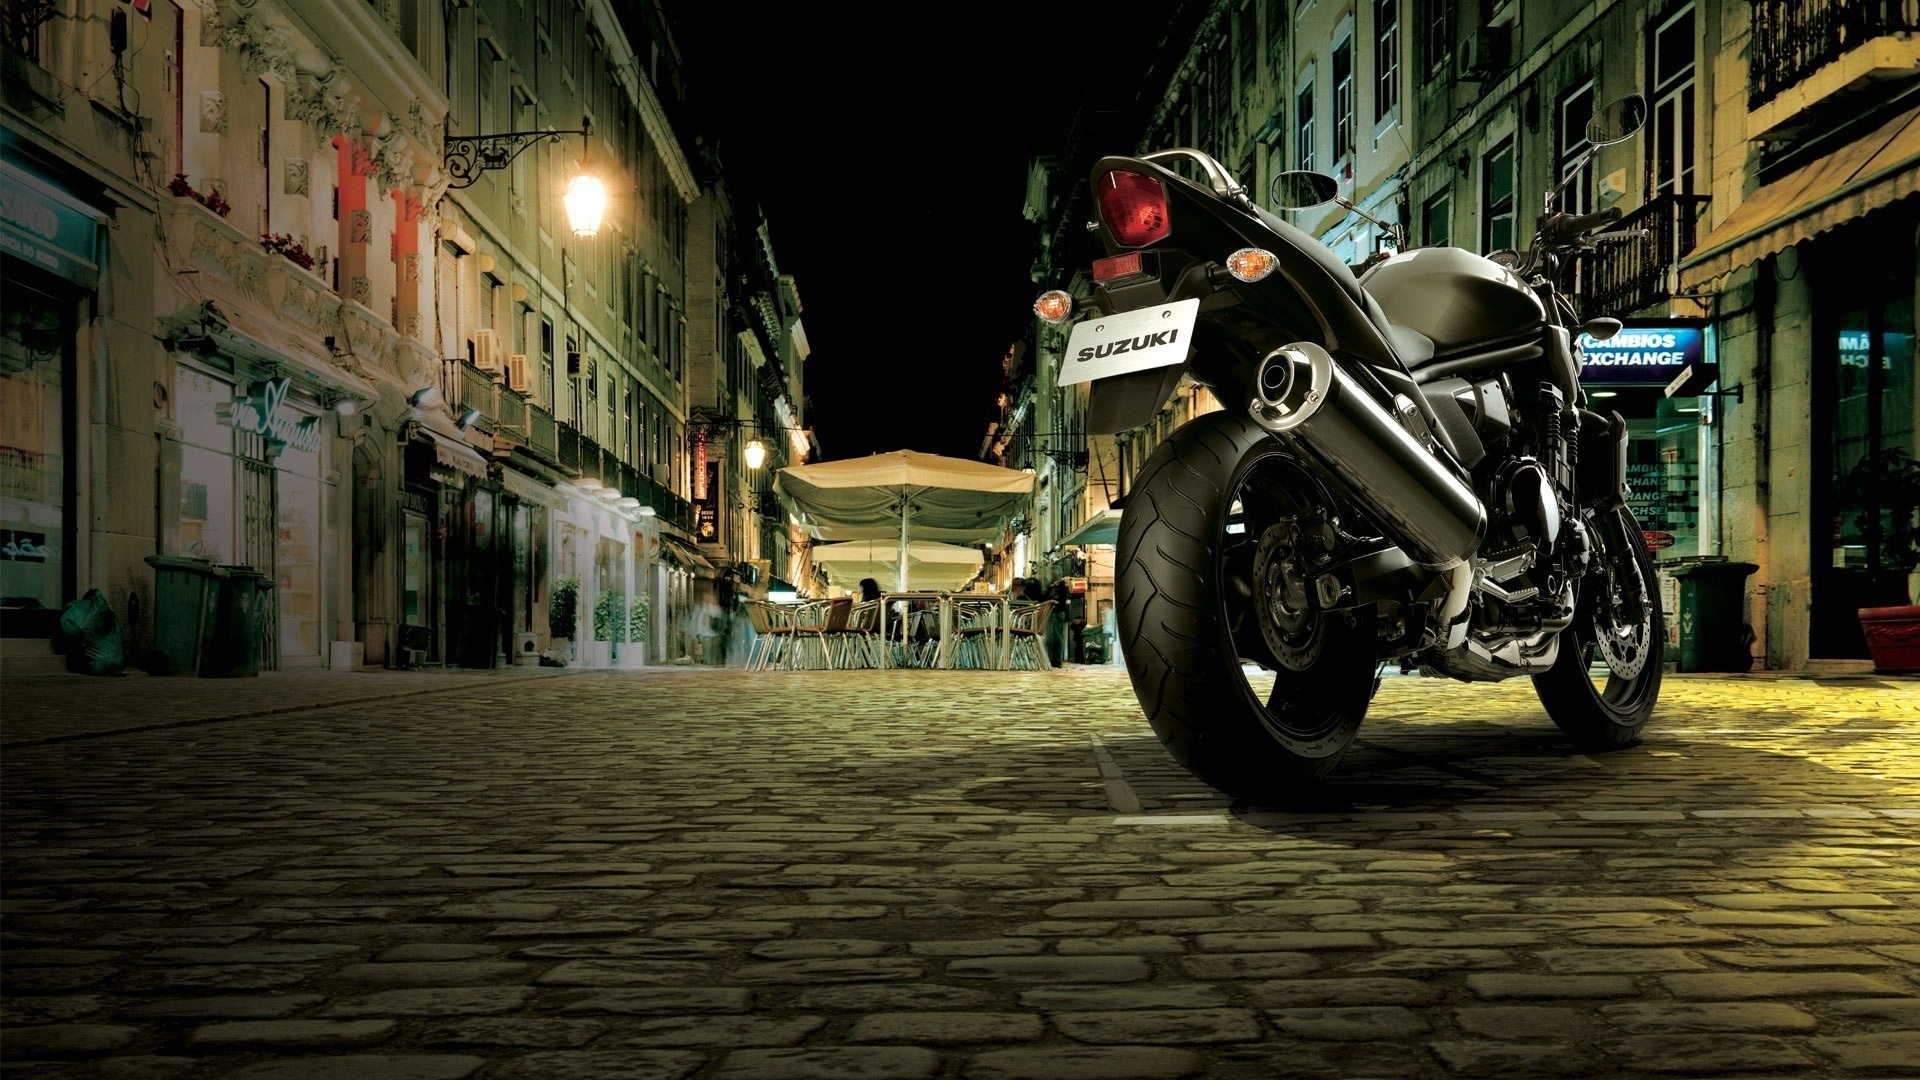 25761 скачать обои Транспорт, Города, Ночь, Мотоциклы, Сузуки (Suzuki) - заставки и картинки бесплатно